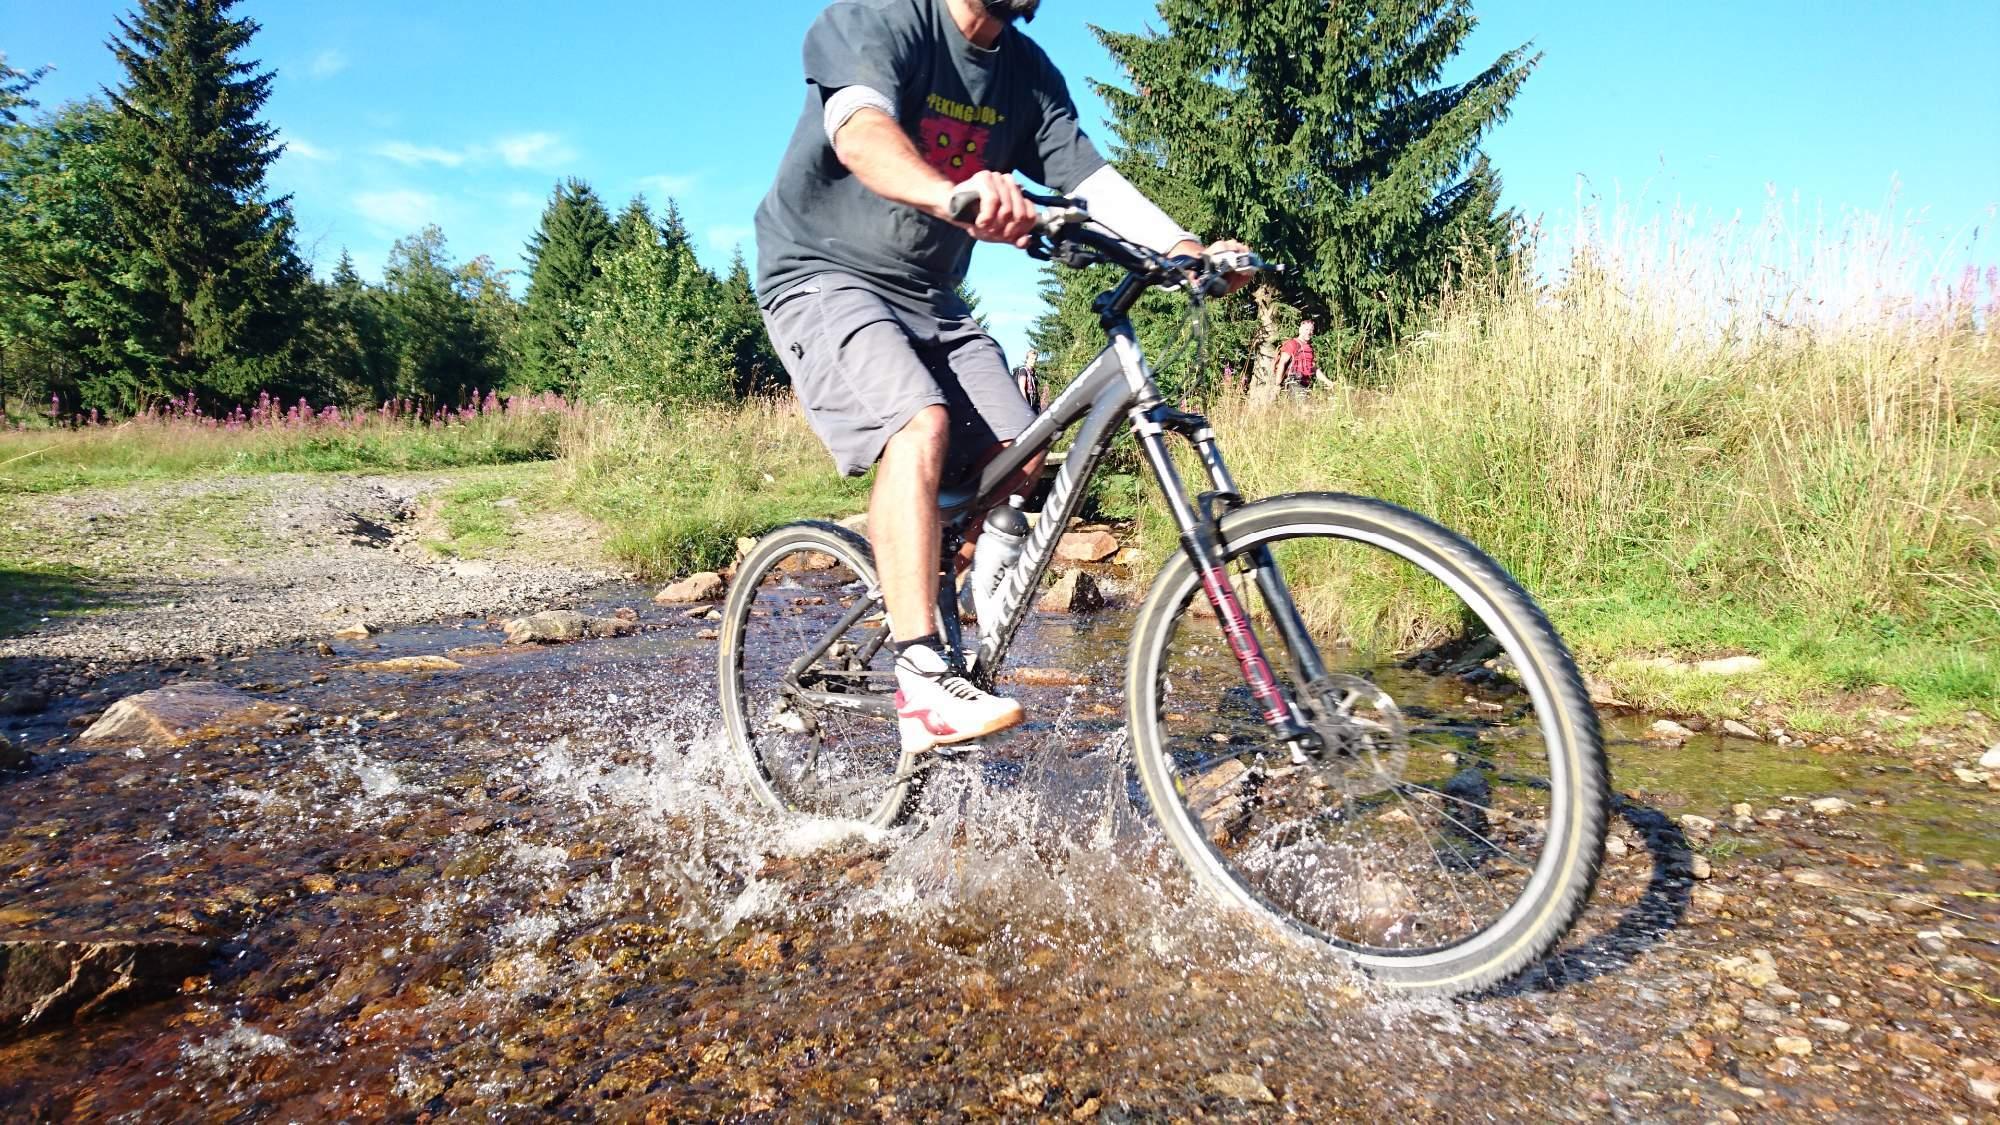 Obrázek cyklisty na kole projíždějící potokem